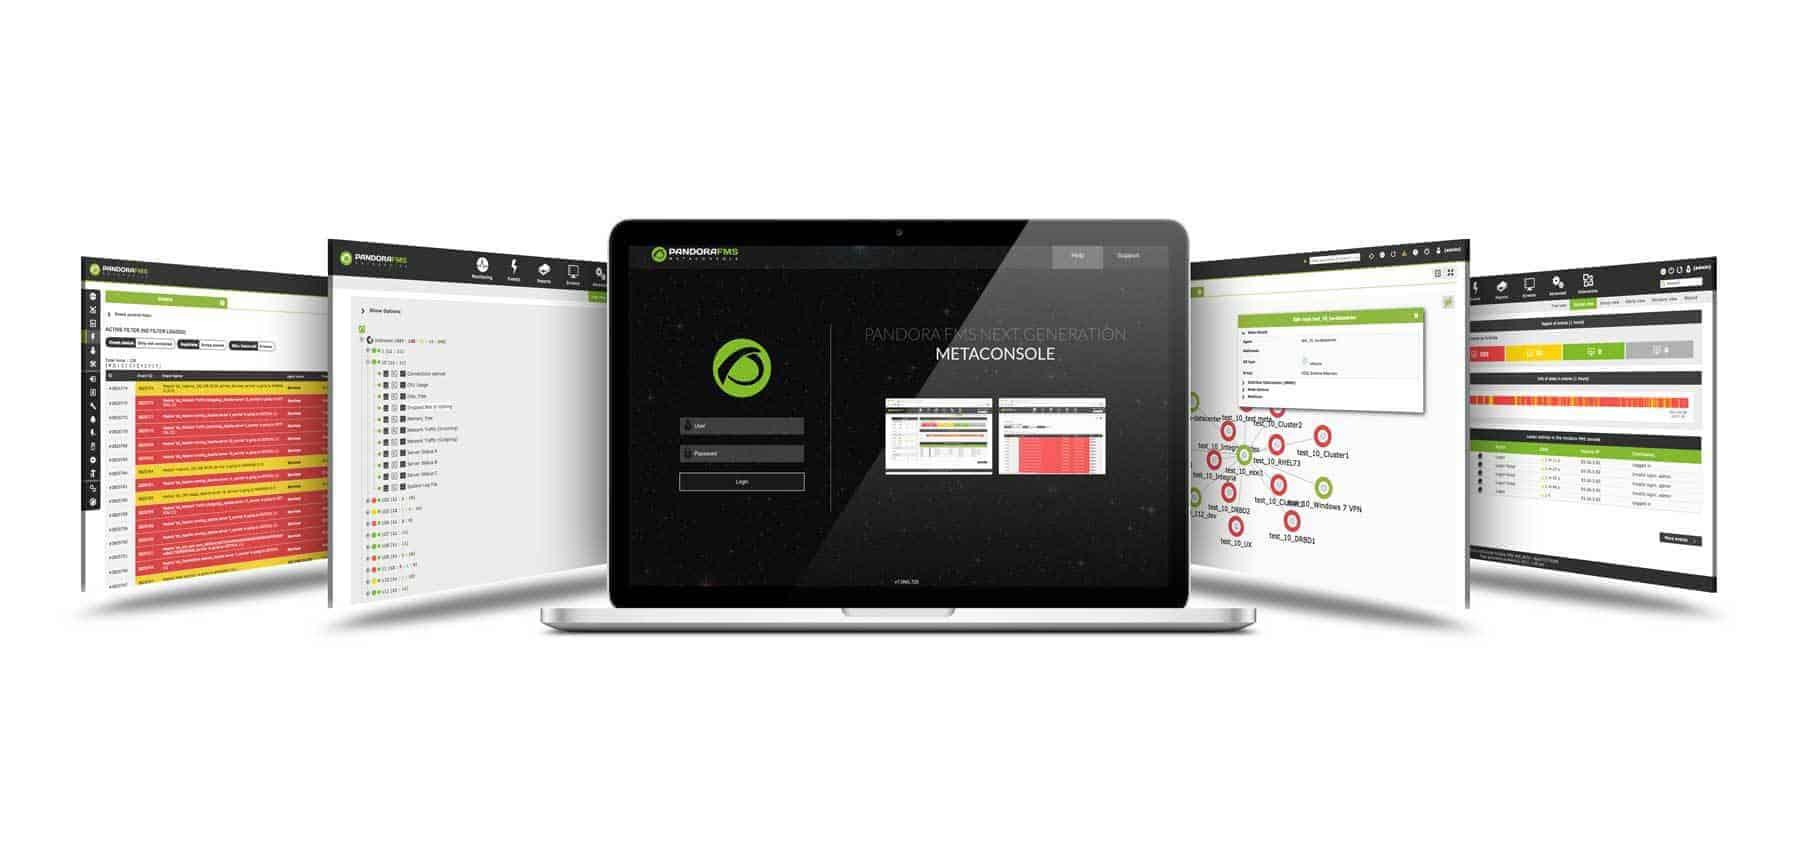 accesso analisi e risoluzione demo pandora fms mockup dashboard